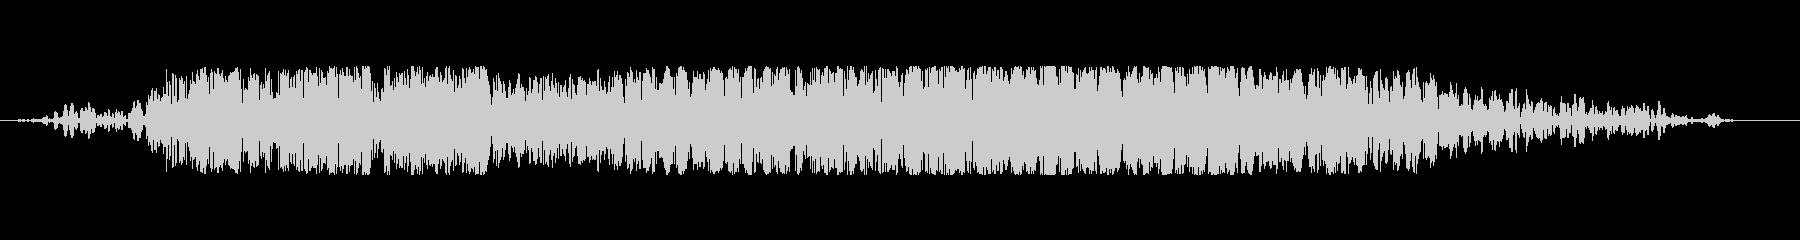 モンスターの鳴き声の未再生の波形